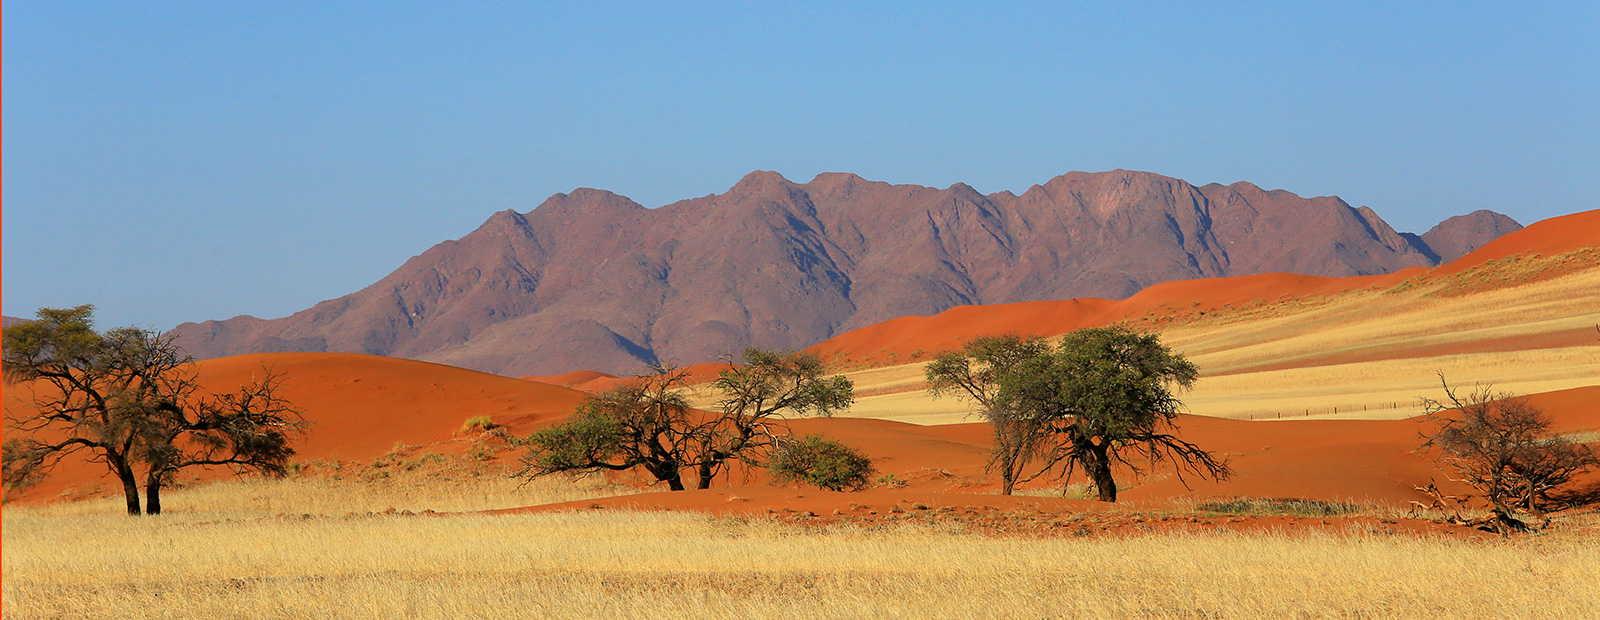 Dunes in the Namib desert